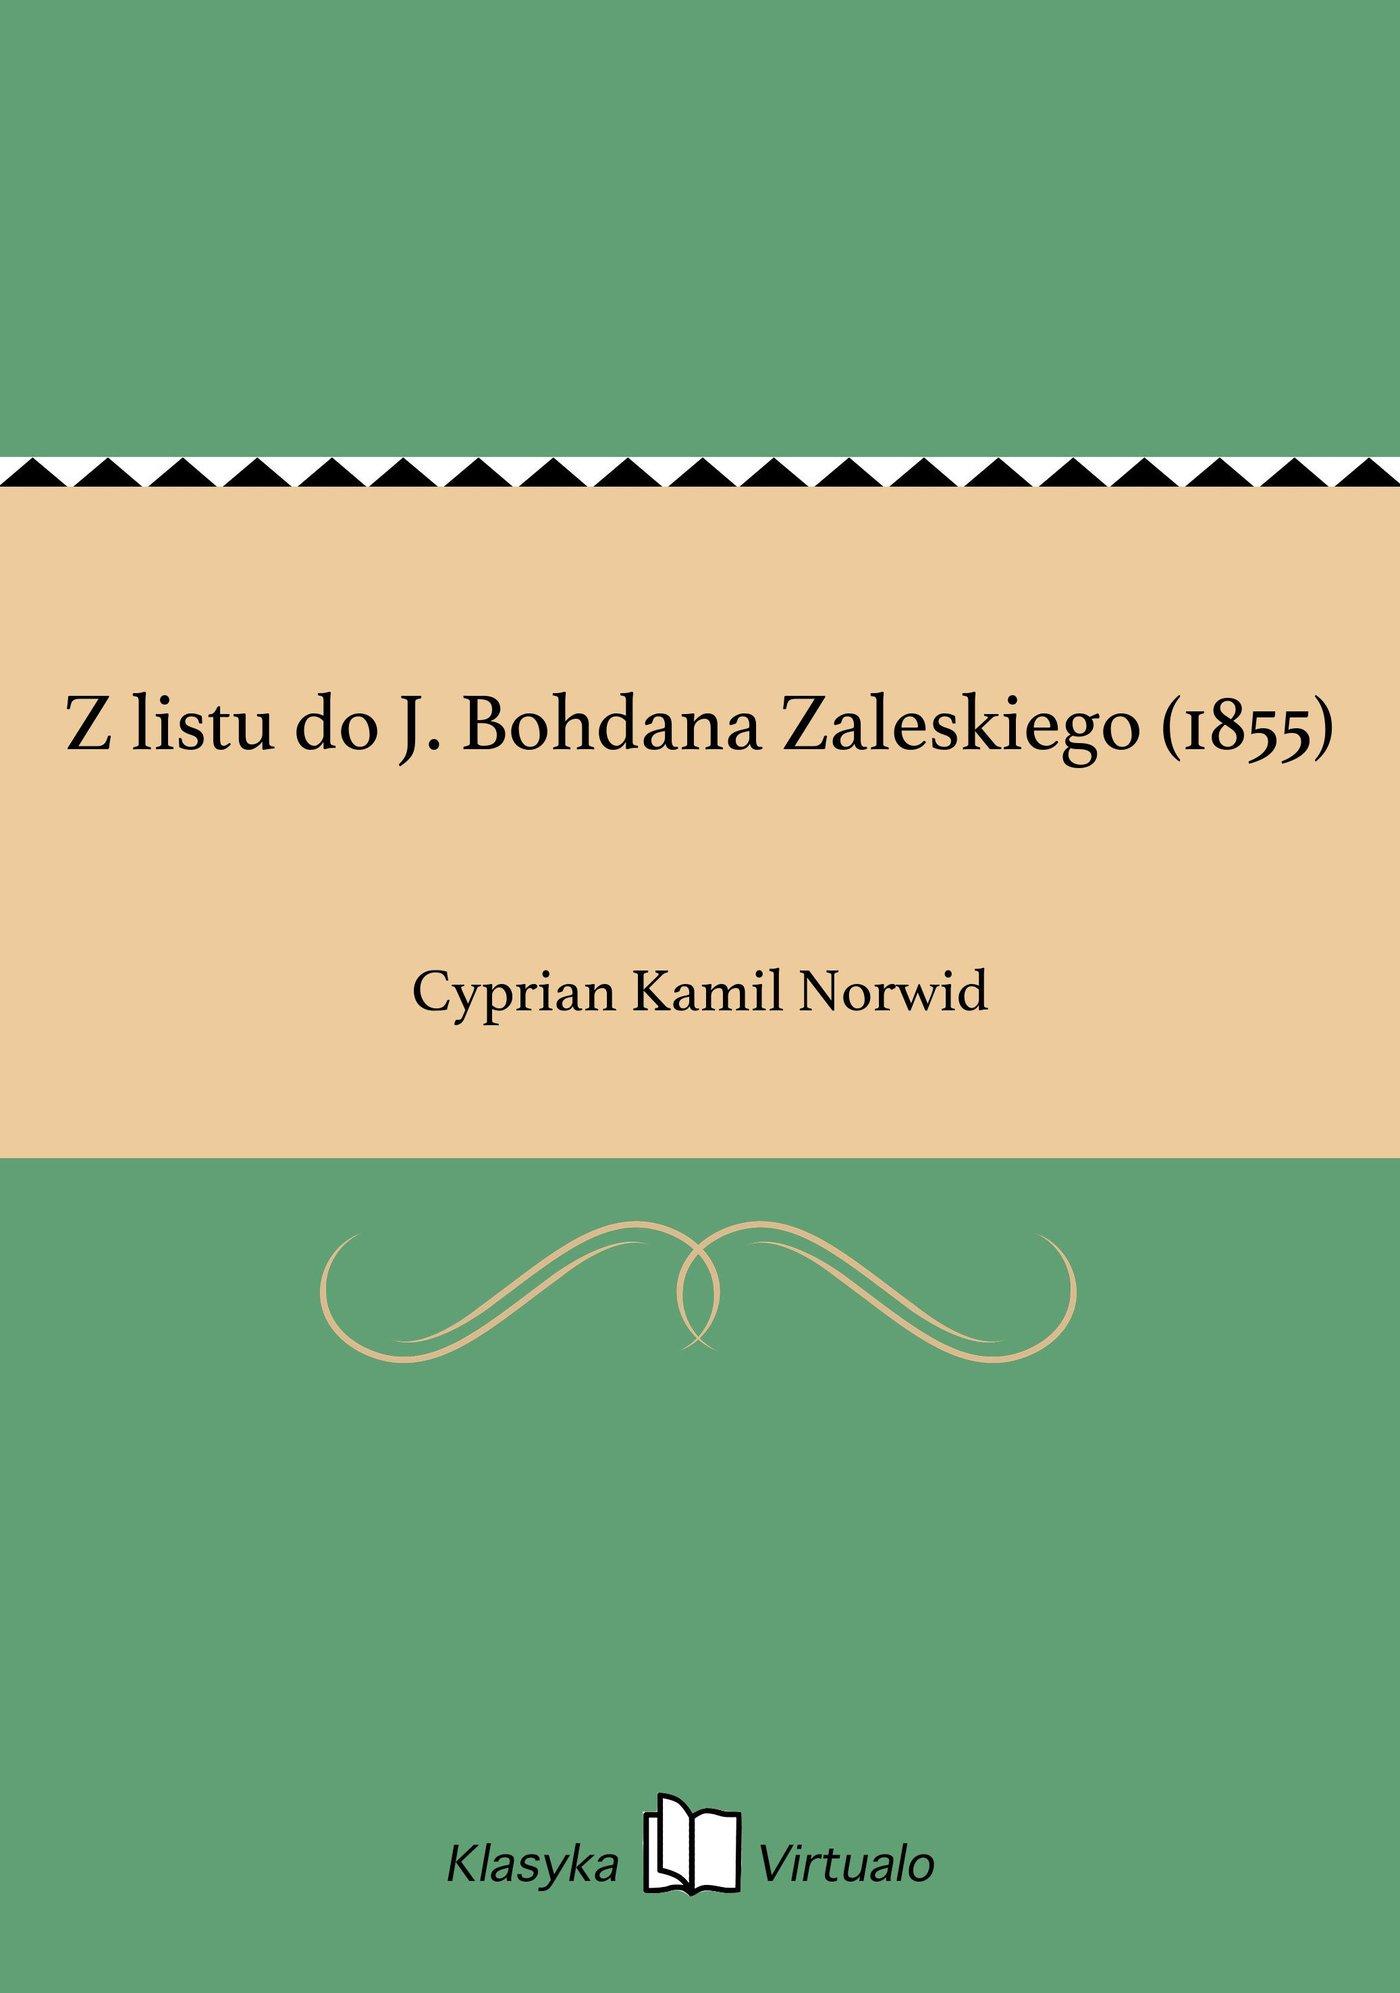 Z listu do J. Bohdana Zaleskiego (1855) - Ebook (Książka EPUB) do pobrania w formacie EPUB